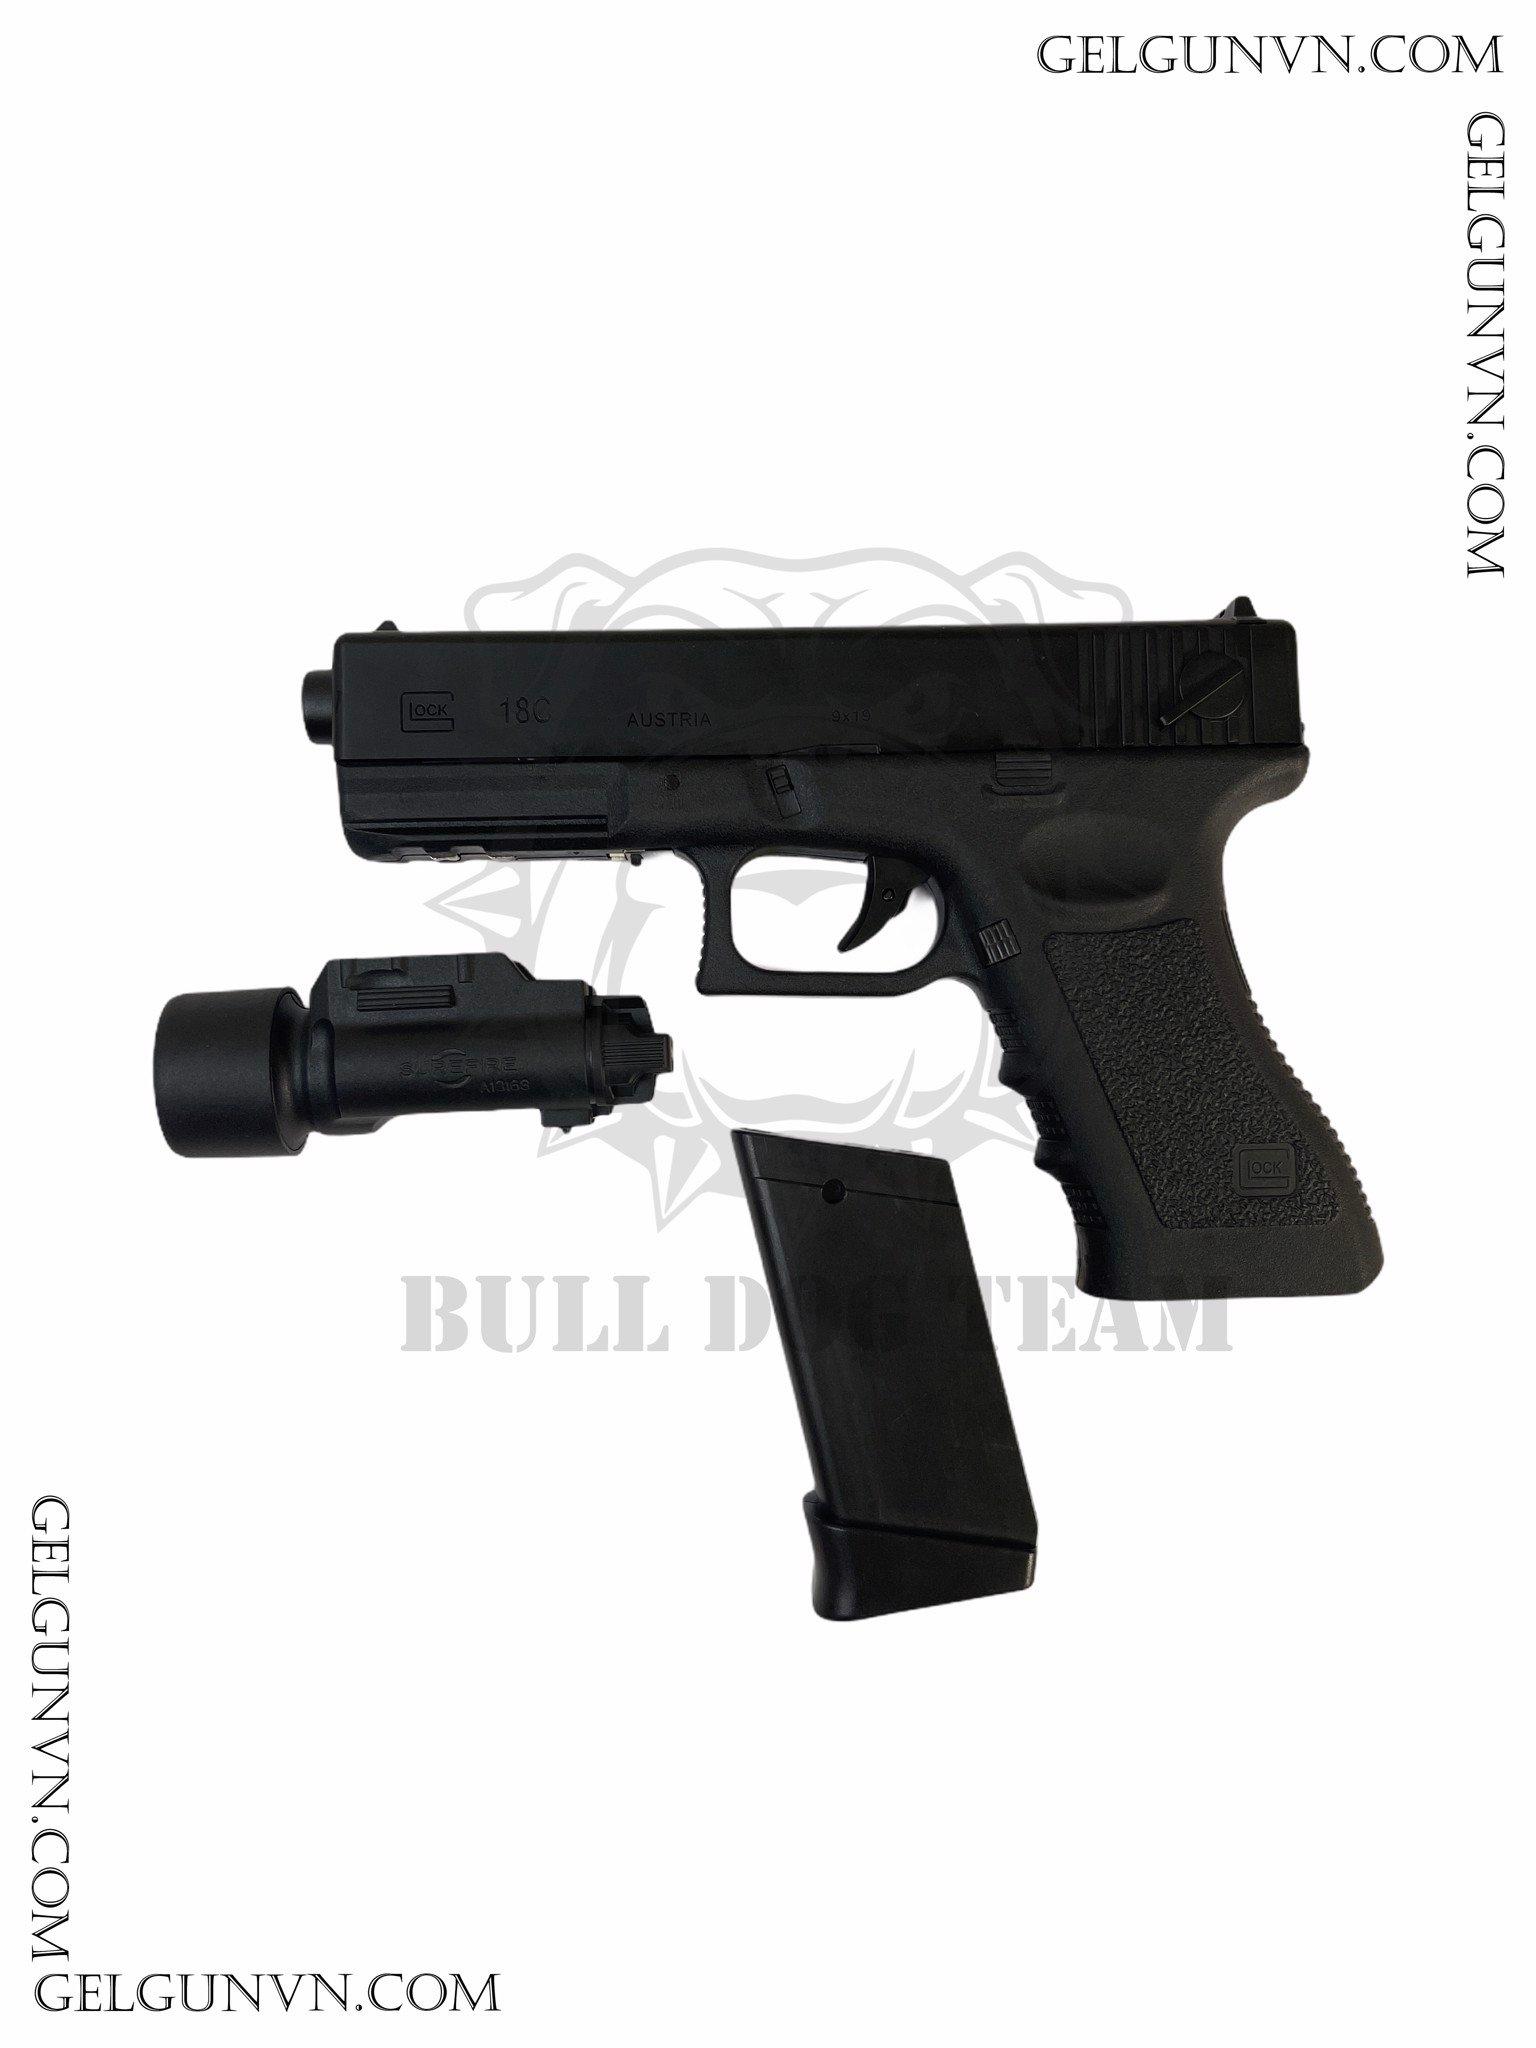 Súng Đạn Thạch Glock 18S - Cải Tiến, Đẹp Hơn , Khỏe hơn